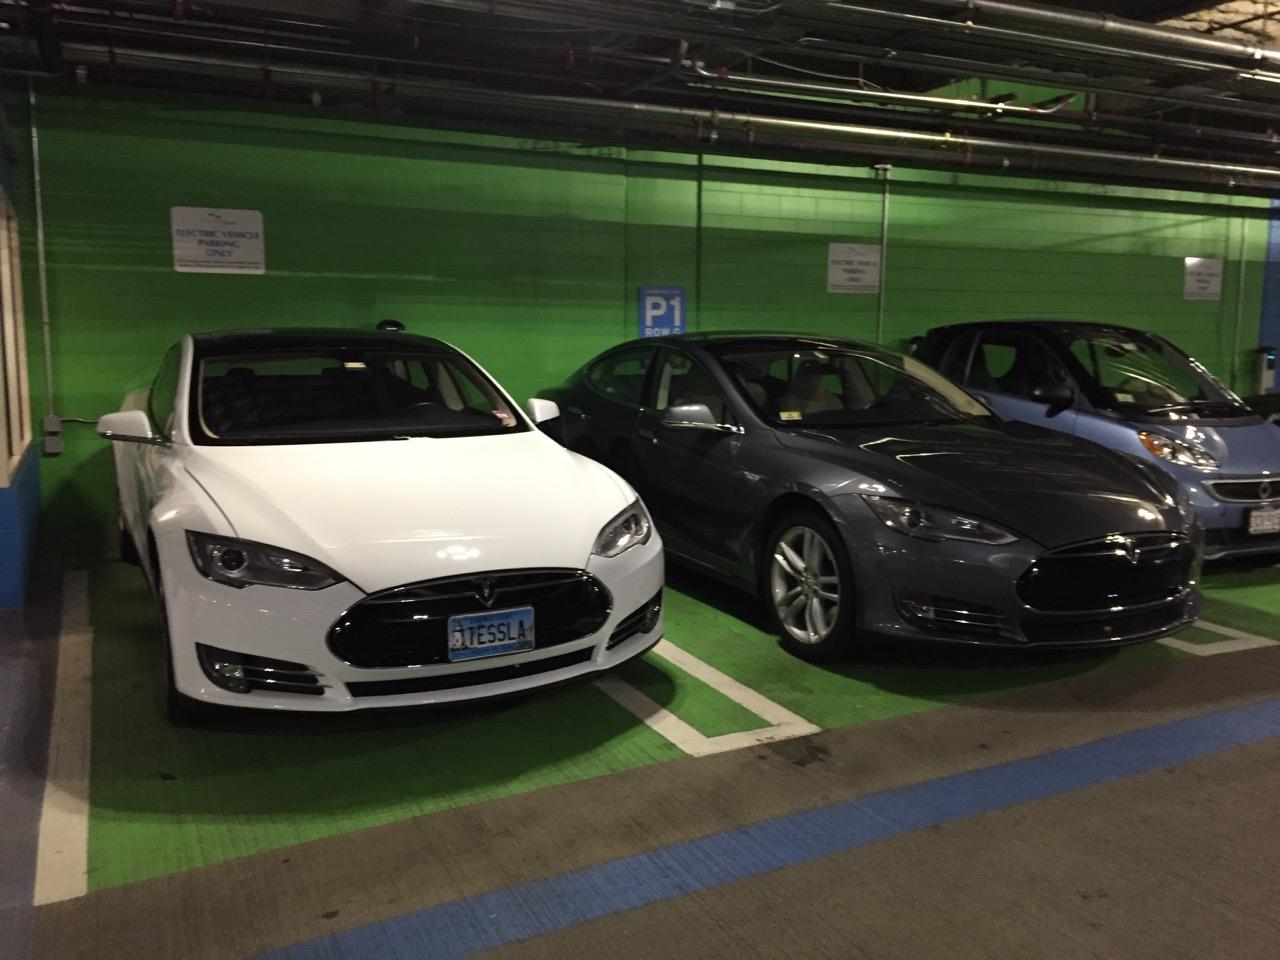 Seaport parking